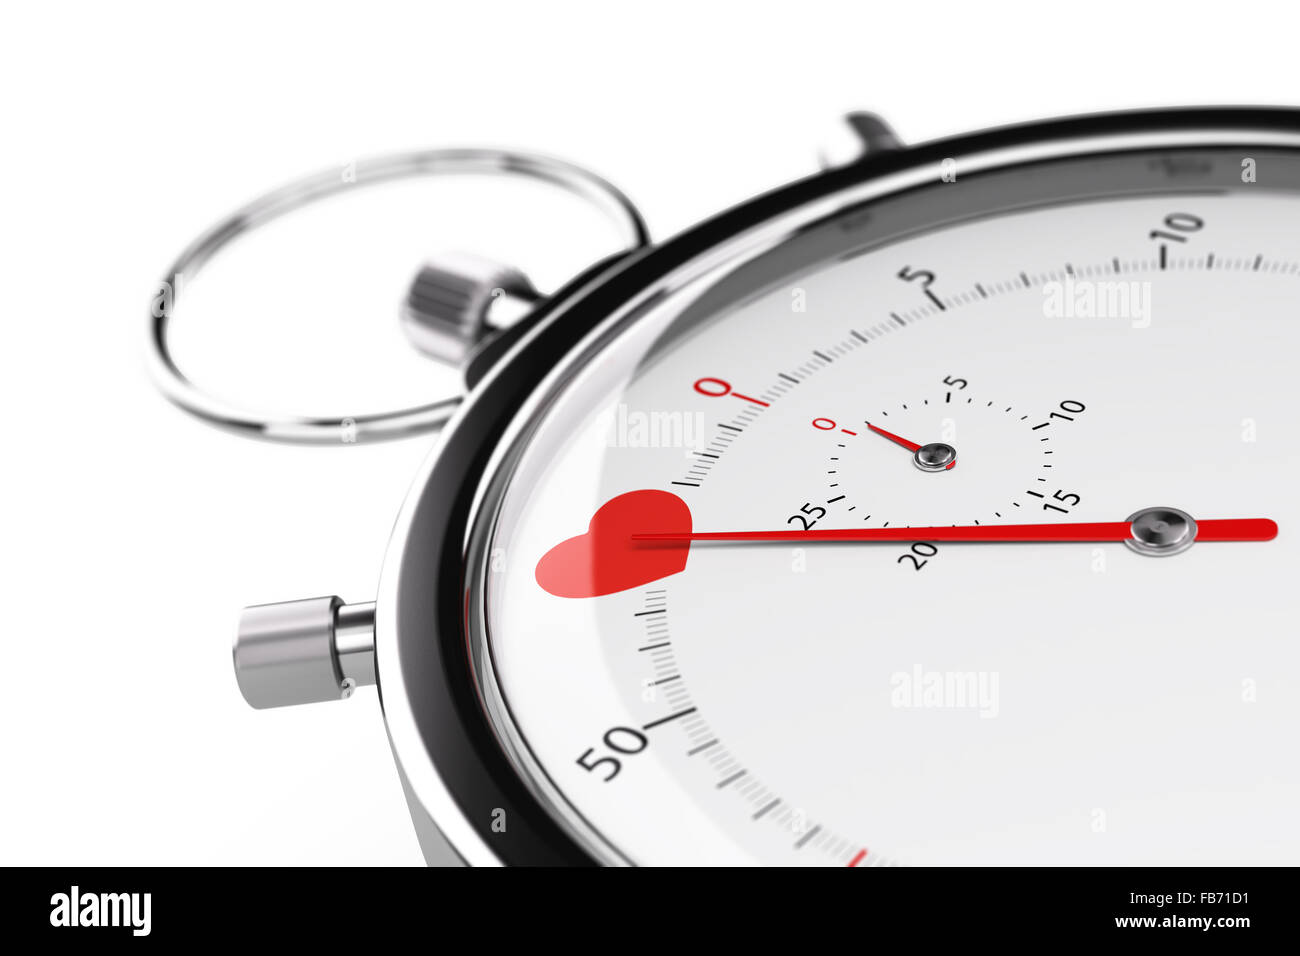 ByUI velocità datazione